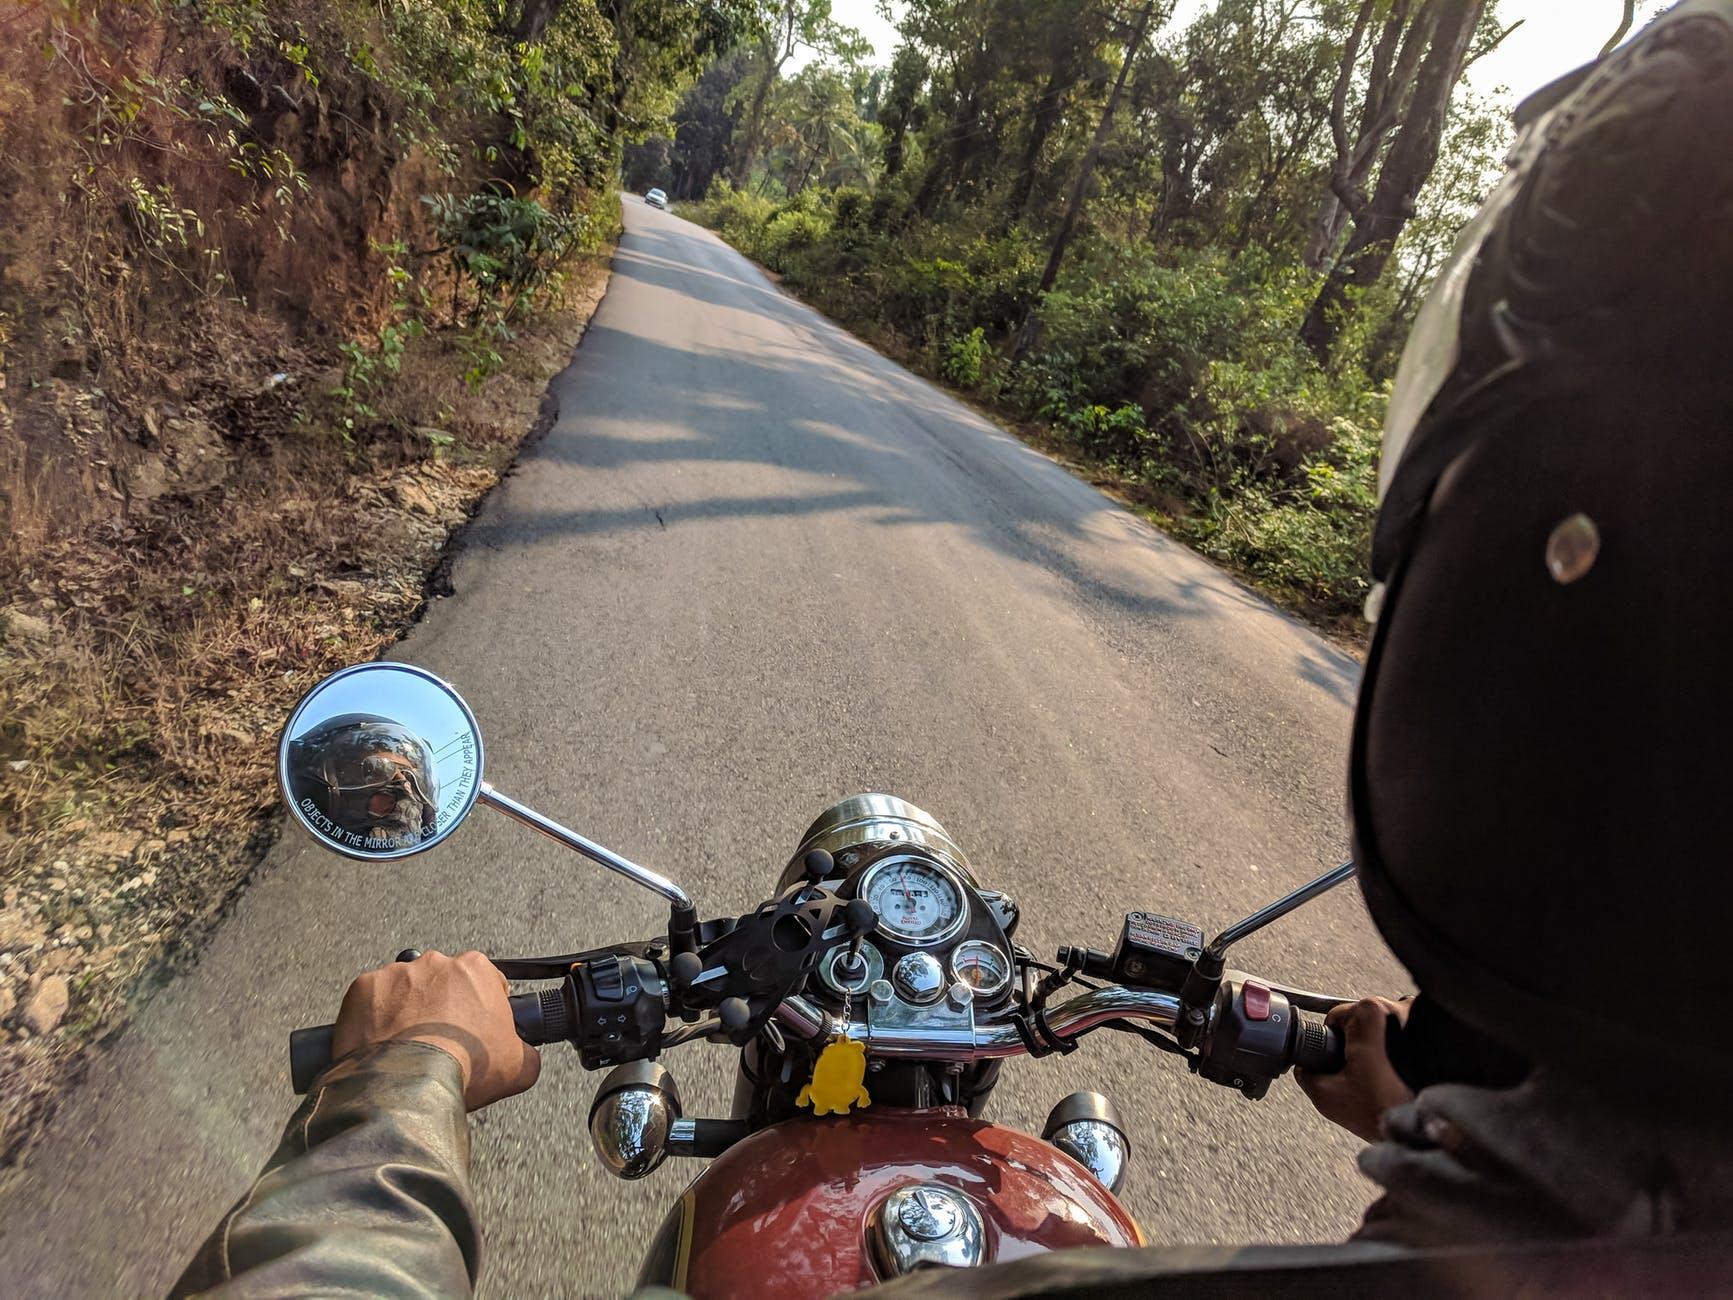 Imagem de estrada e homem pilotando moto